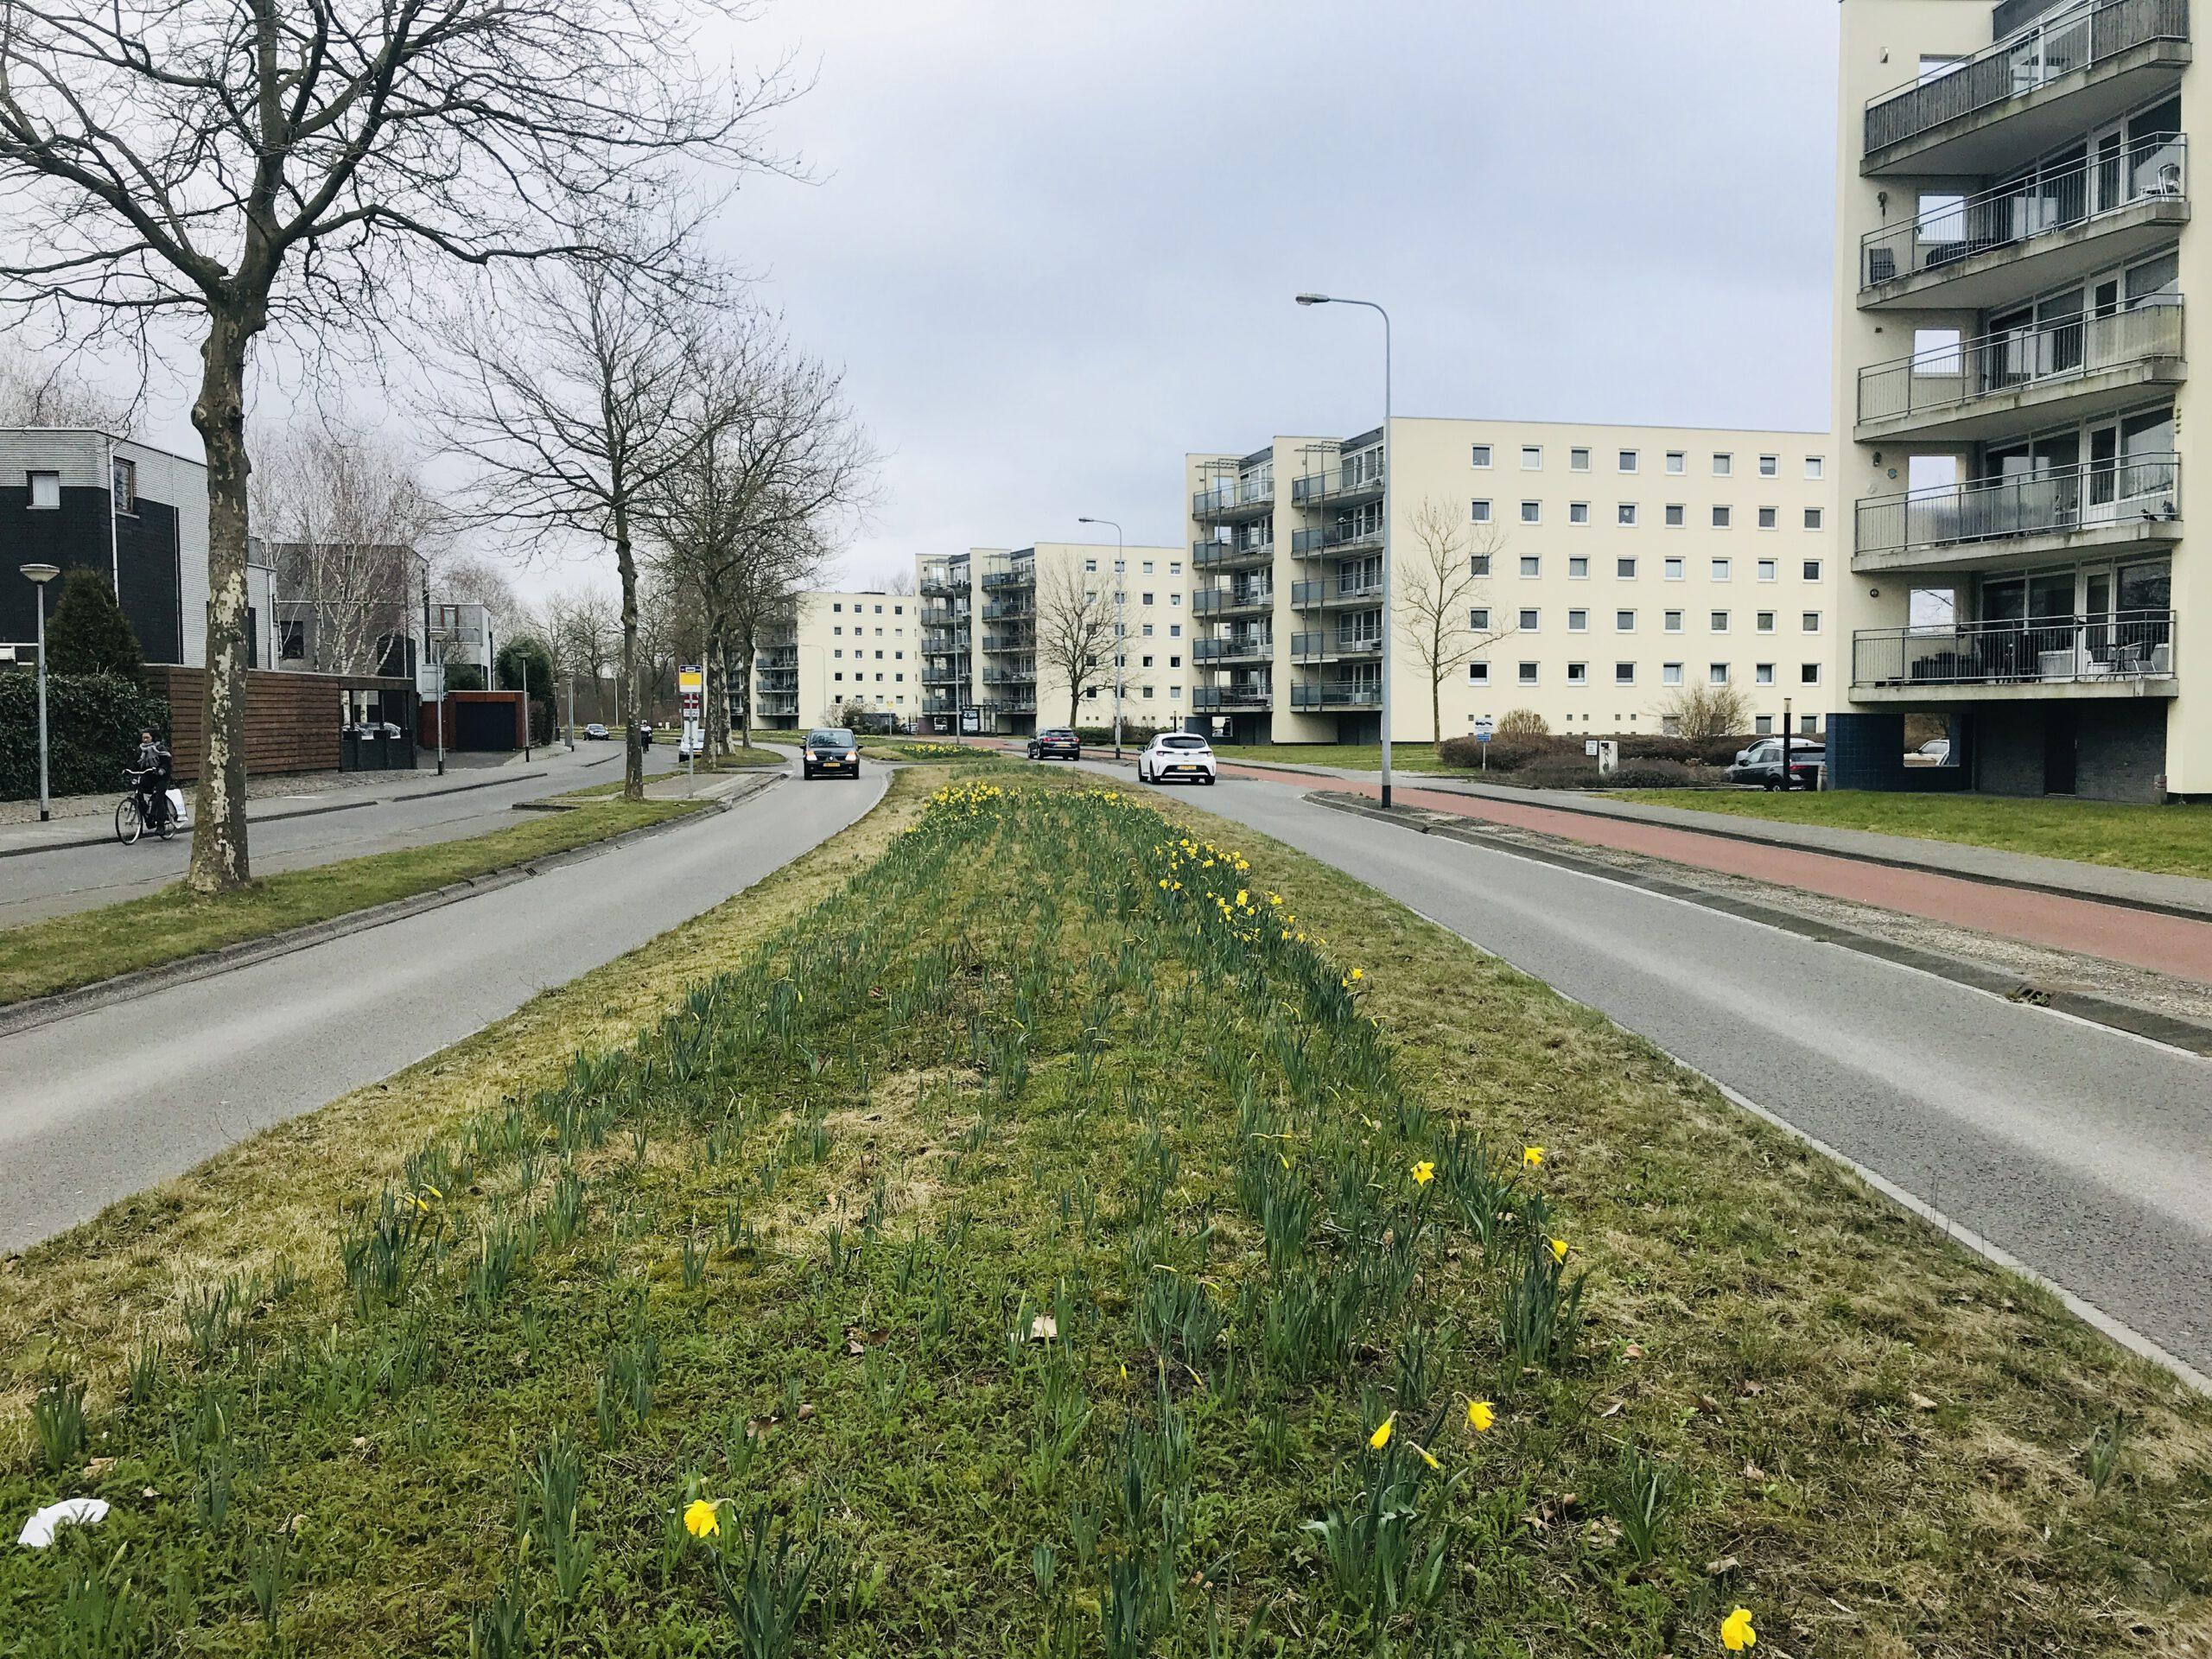 Siersteenlaan, Groningen, Grasstrook, Middenberm, Vinkhuizen, De Held, Persleiding, Het Roege Bos, Hoogkerk